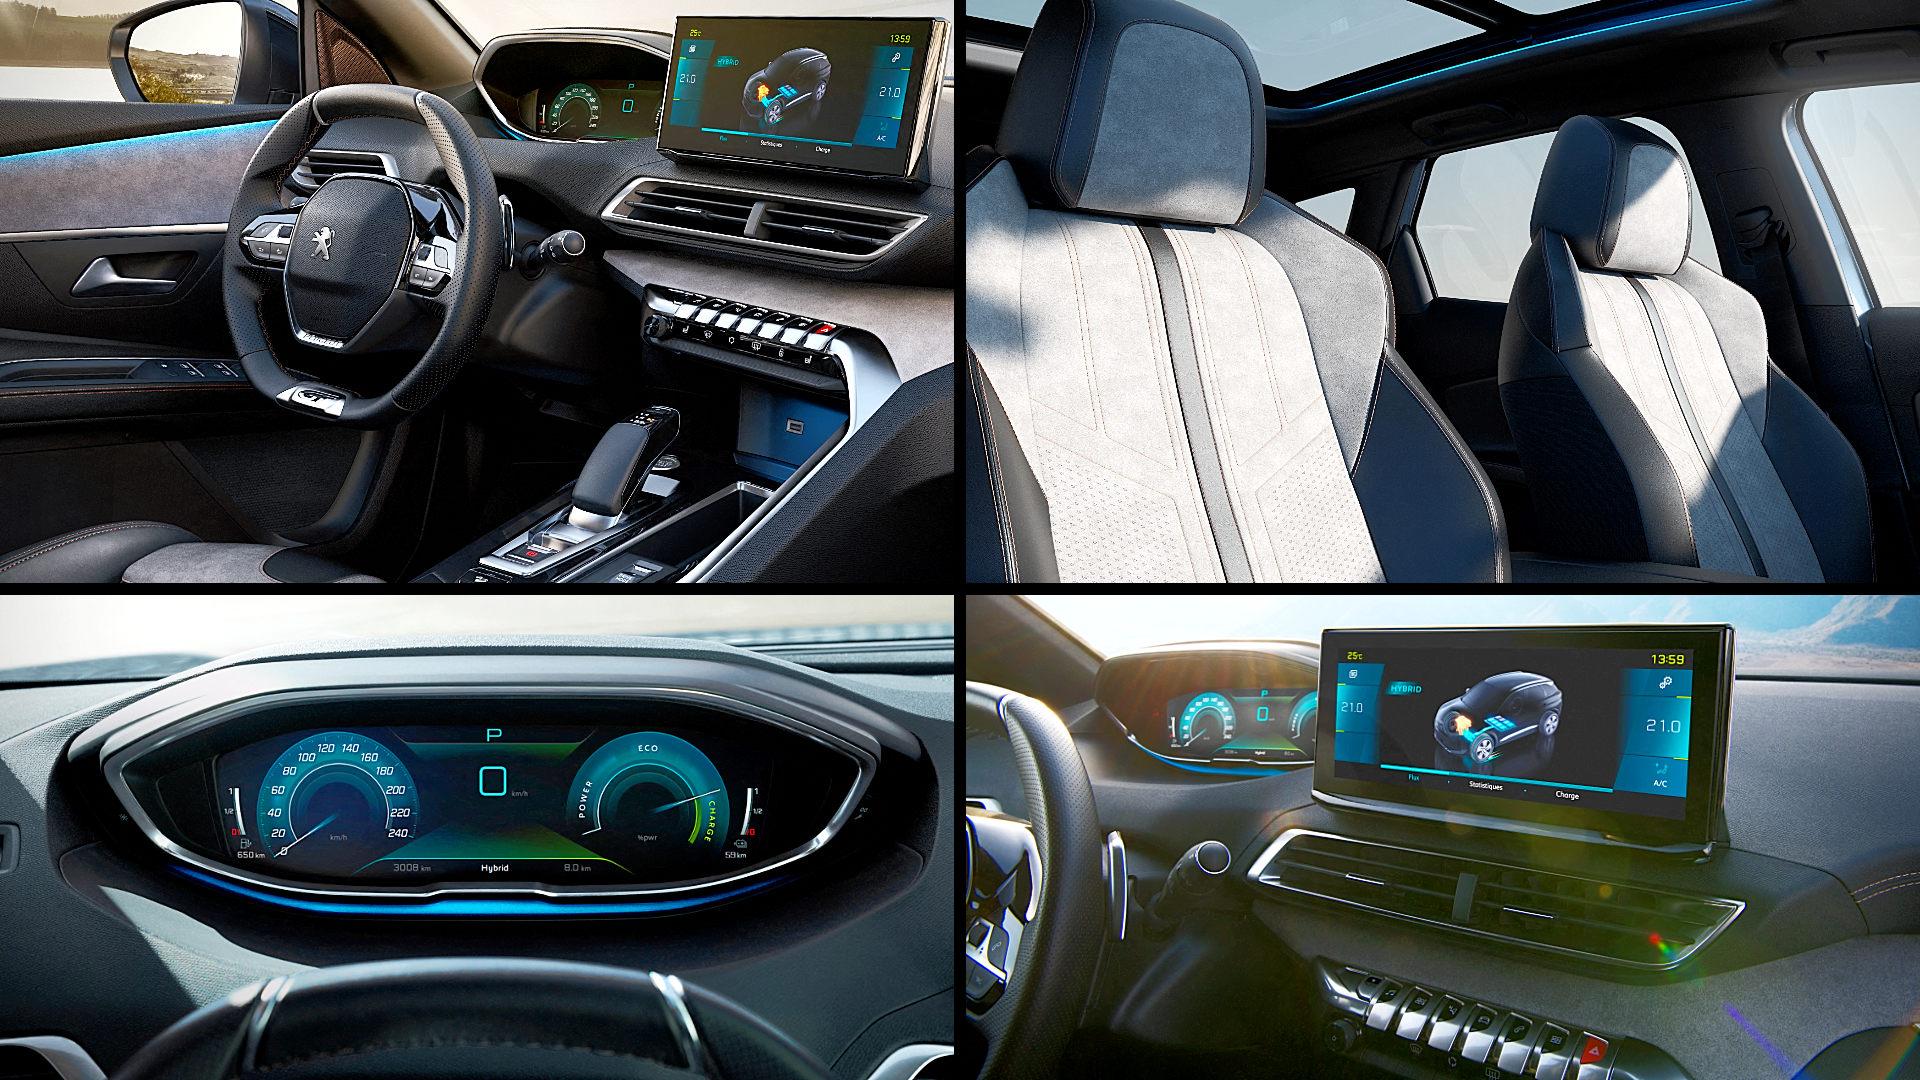 2021 Peugeot 3008 HYBRID4 Interior Inside